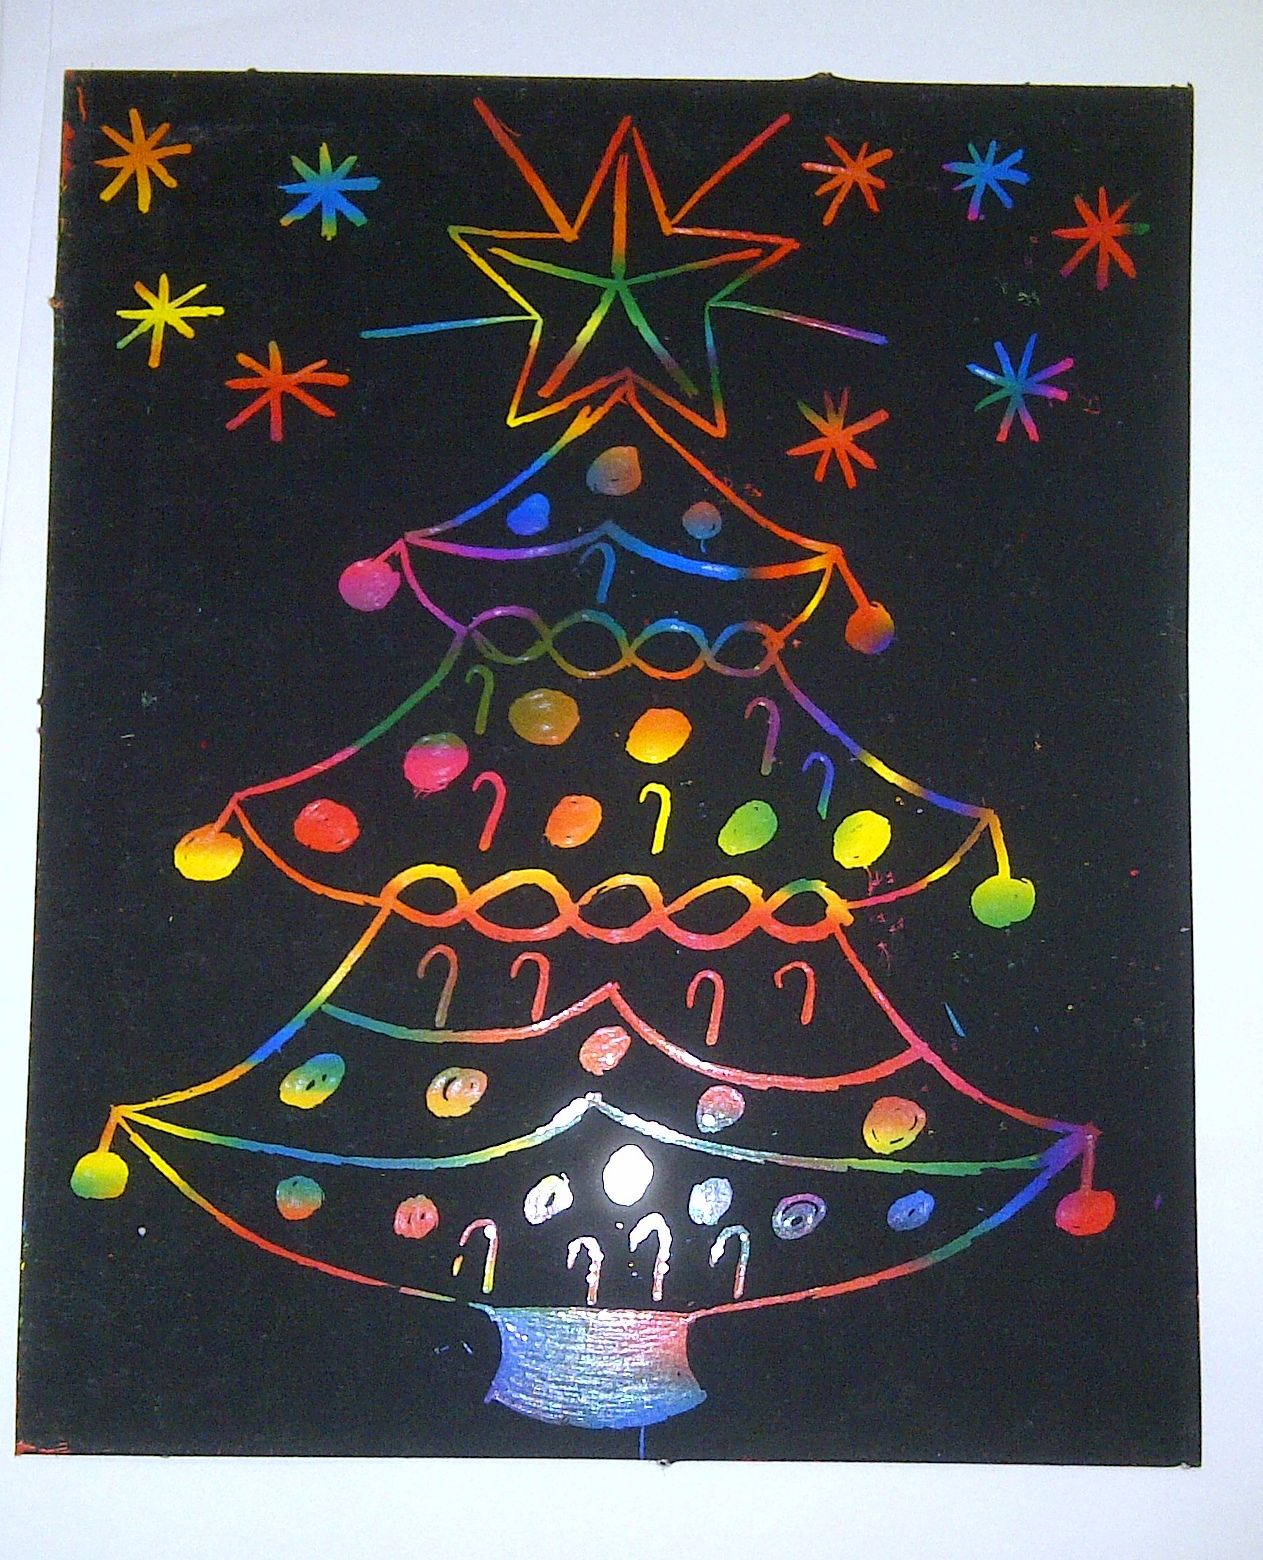 Kerstboom Schilderen Met Je Handen Kerst Knutselen Kerstmis Knutselen Kerstmis Knutselen Peuters